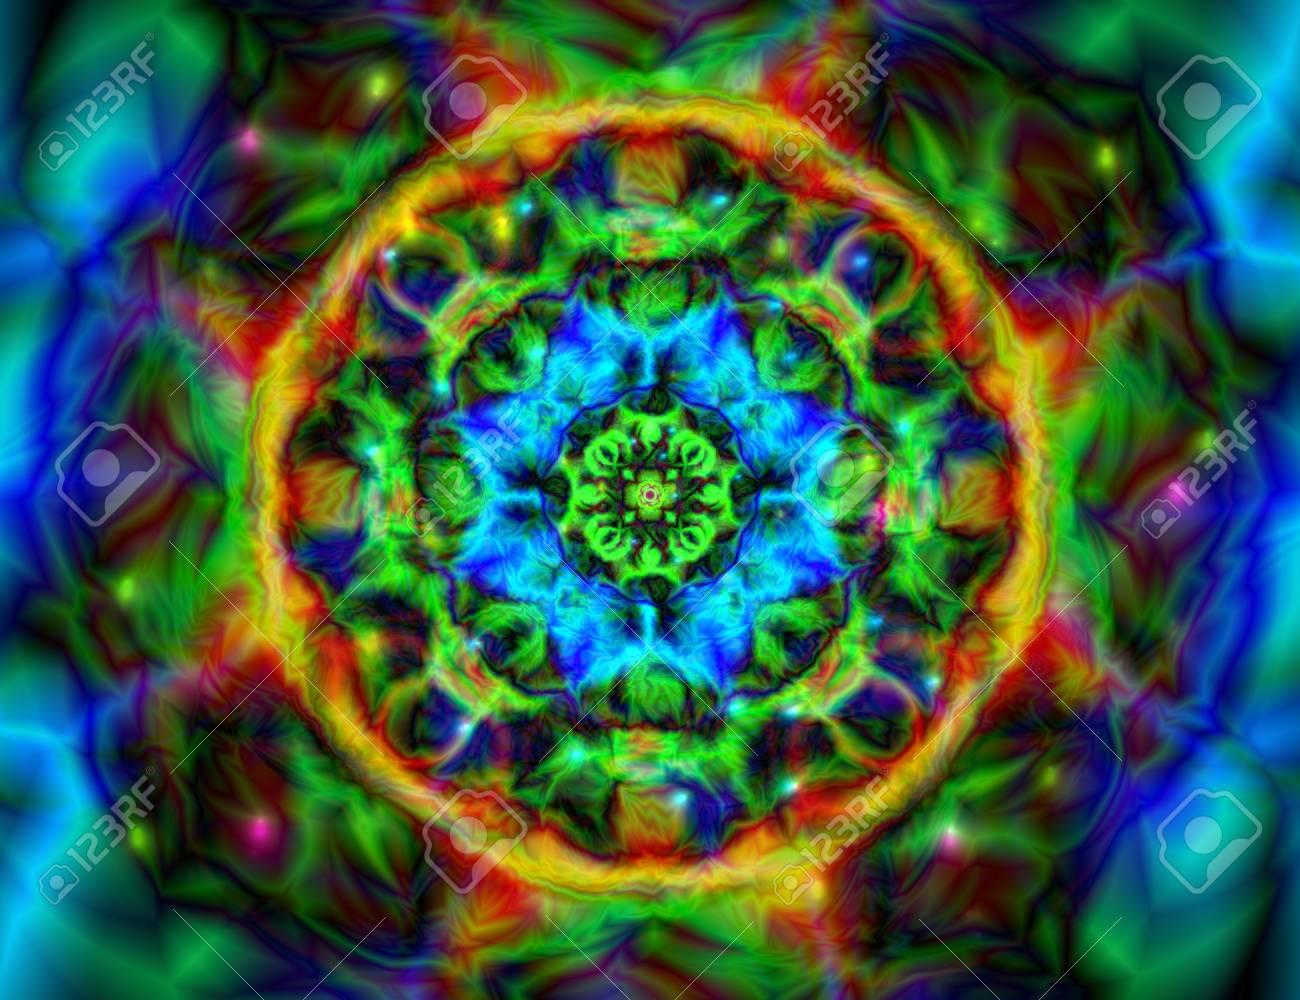 Caleidoscopio Colorido Abstracto Ornamento Del Mandala Del Círculo